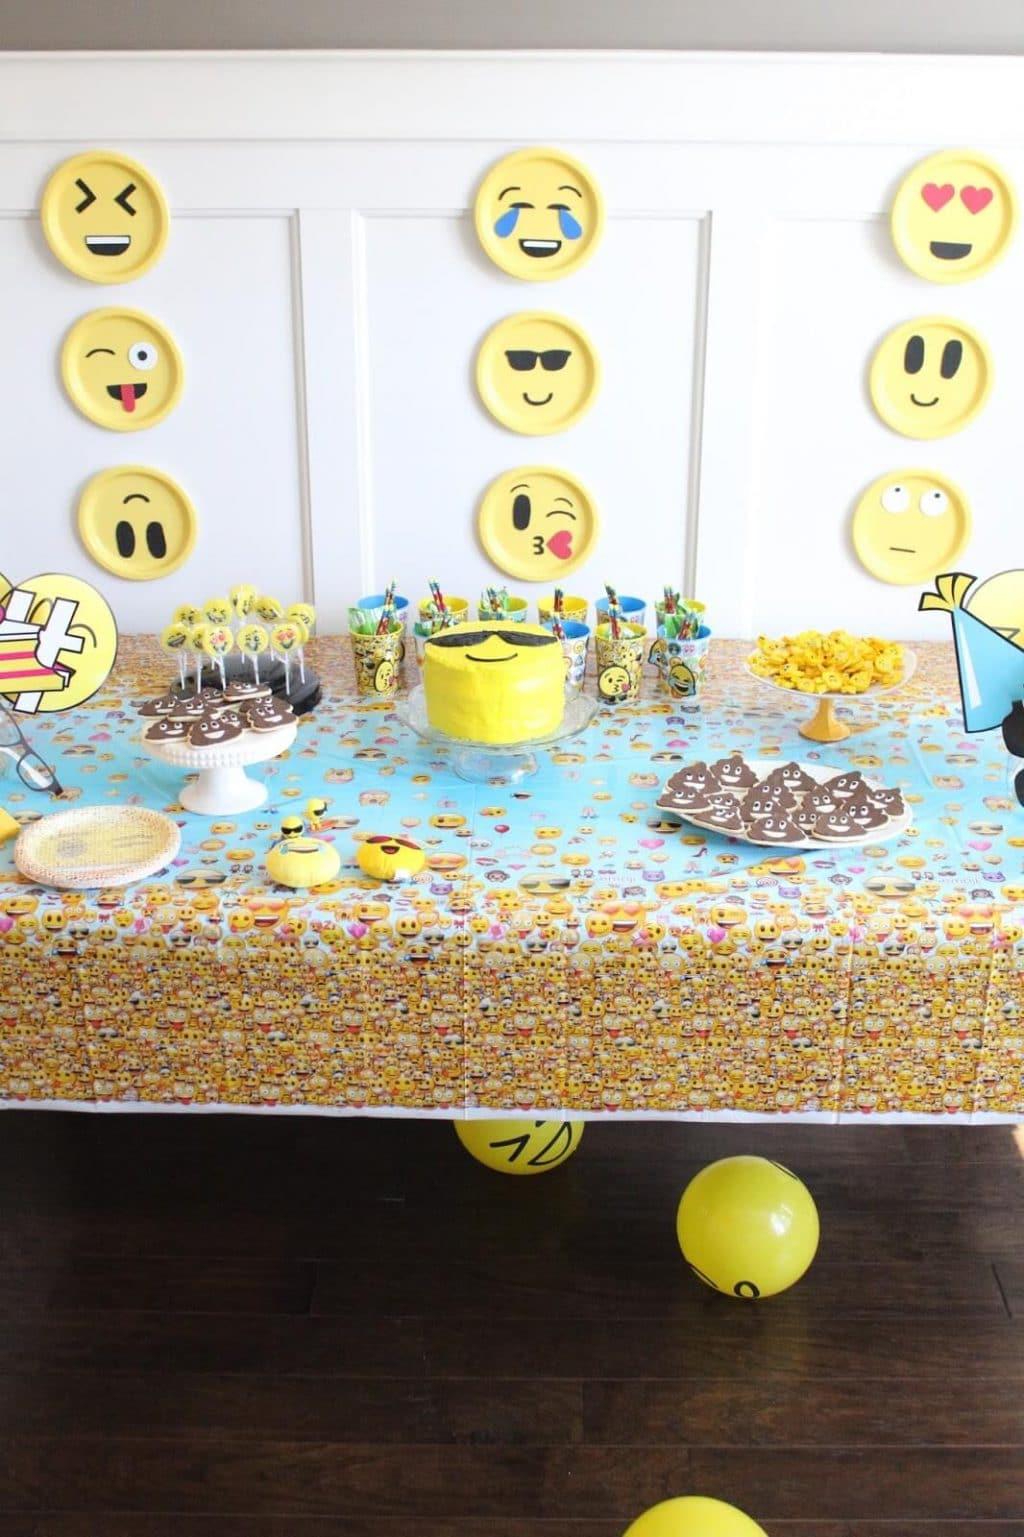 Birthday, Emoji Party, Theme Party, Tablescape, DiY Backdrop